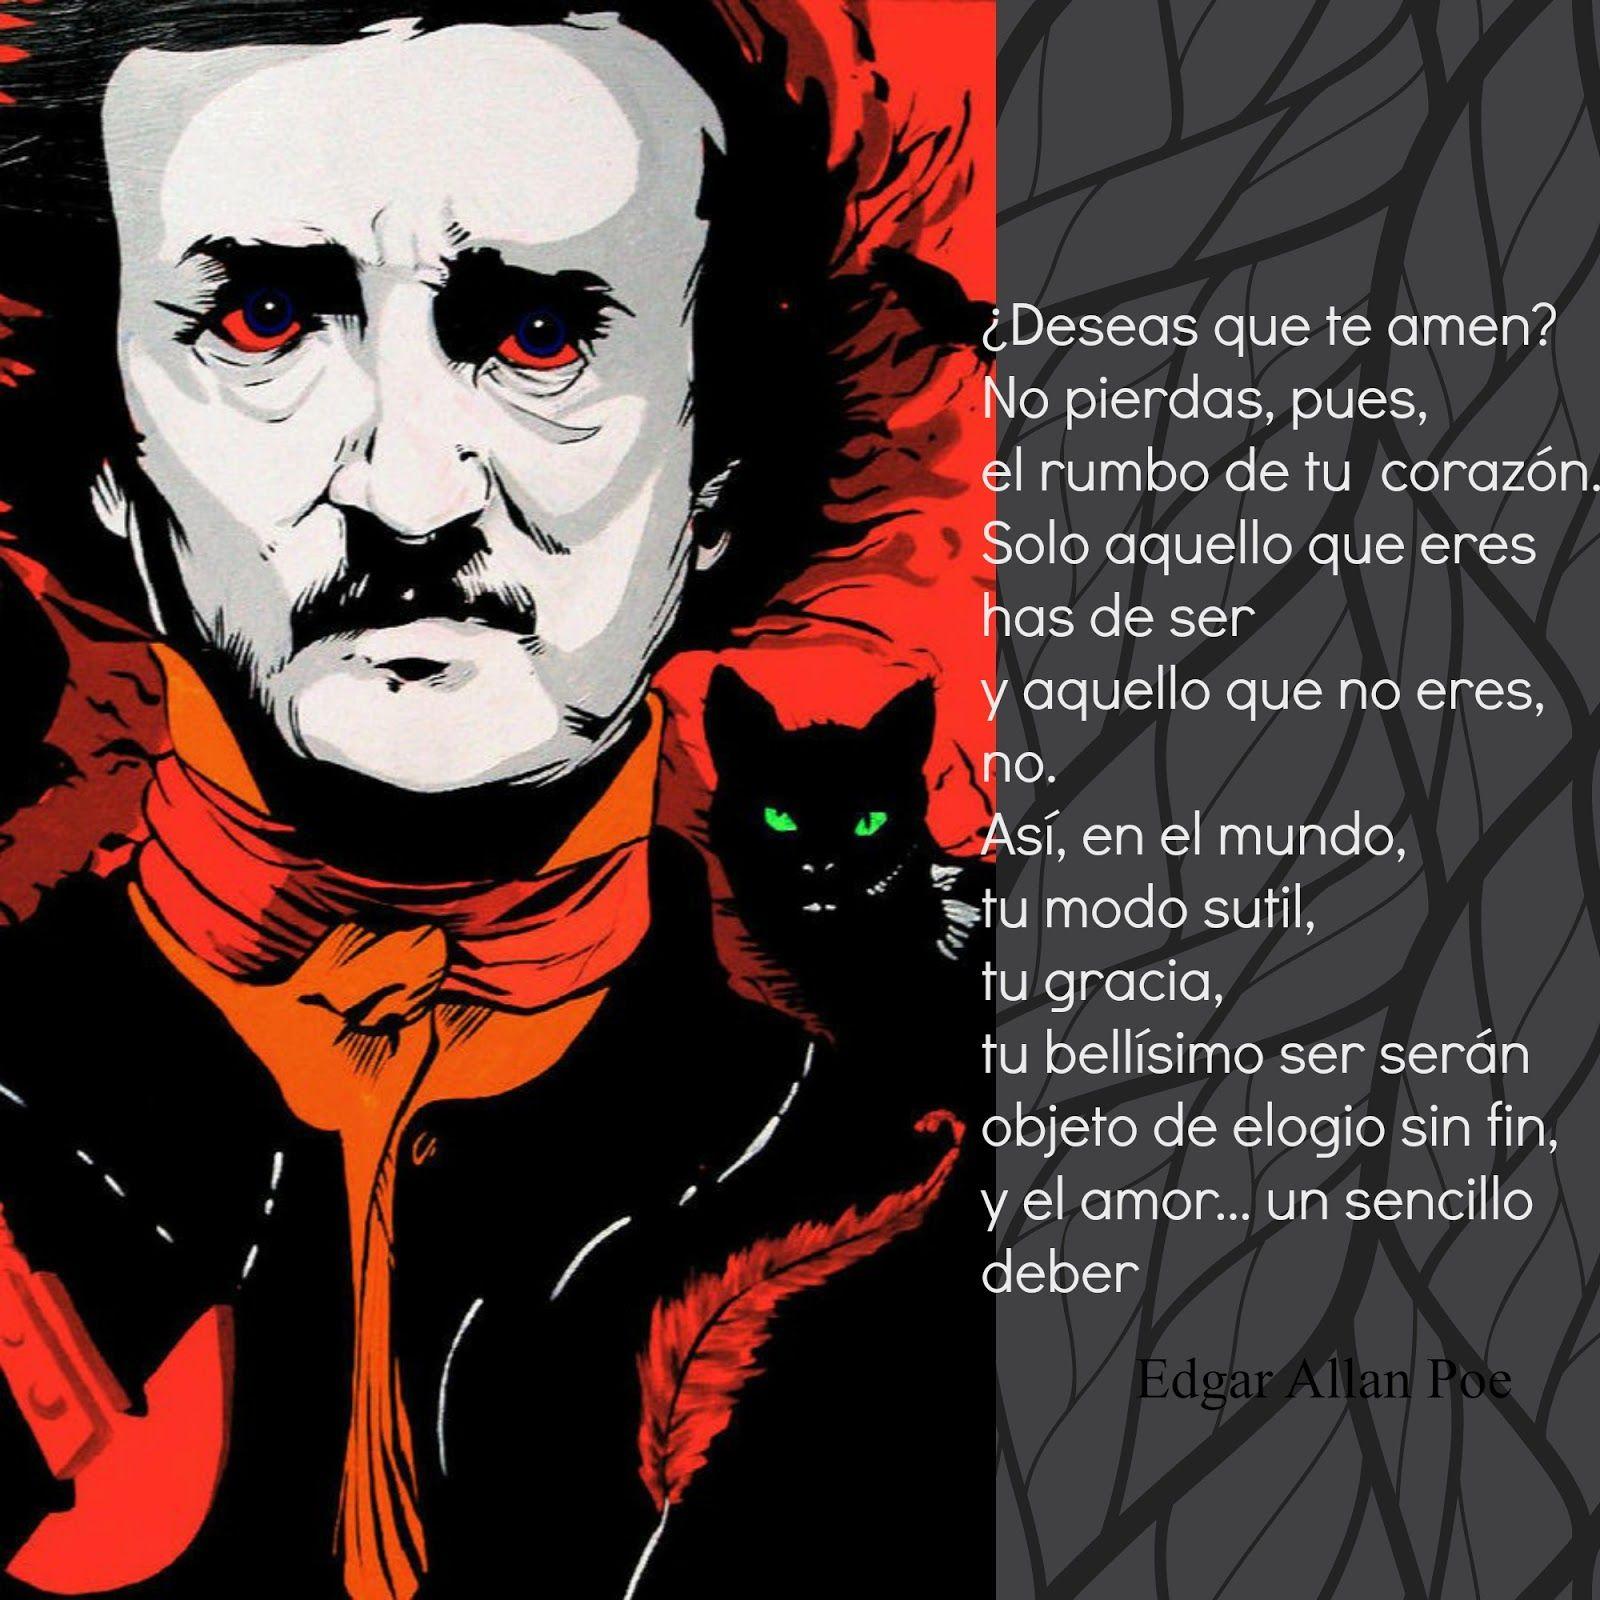 Edgar Allan Poe, poema elogio a los gatos | biblioteca libros de ...